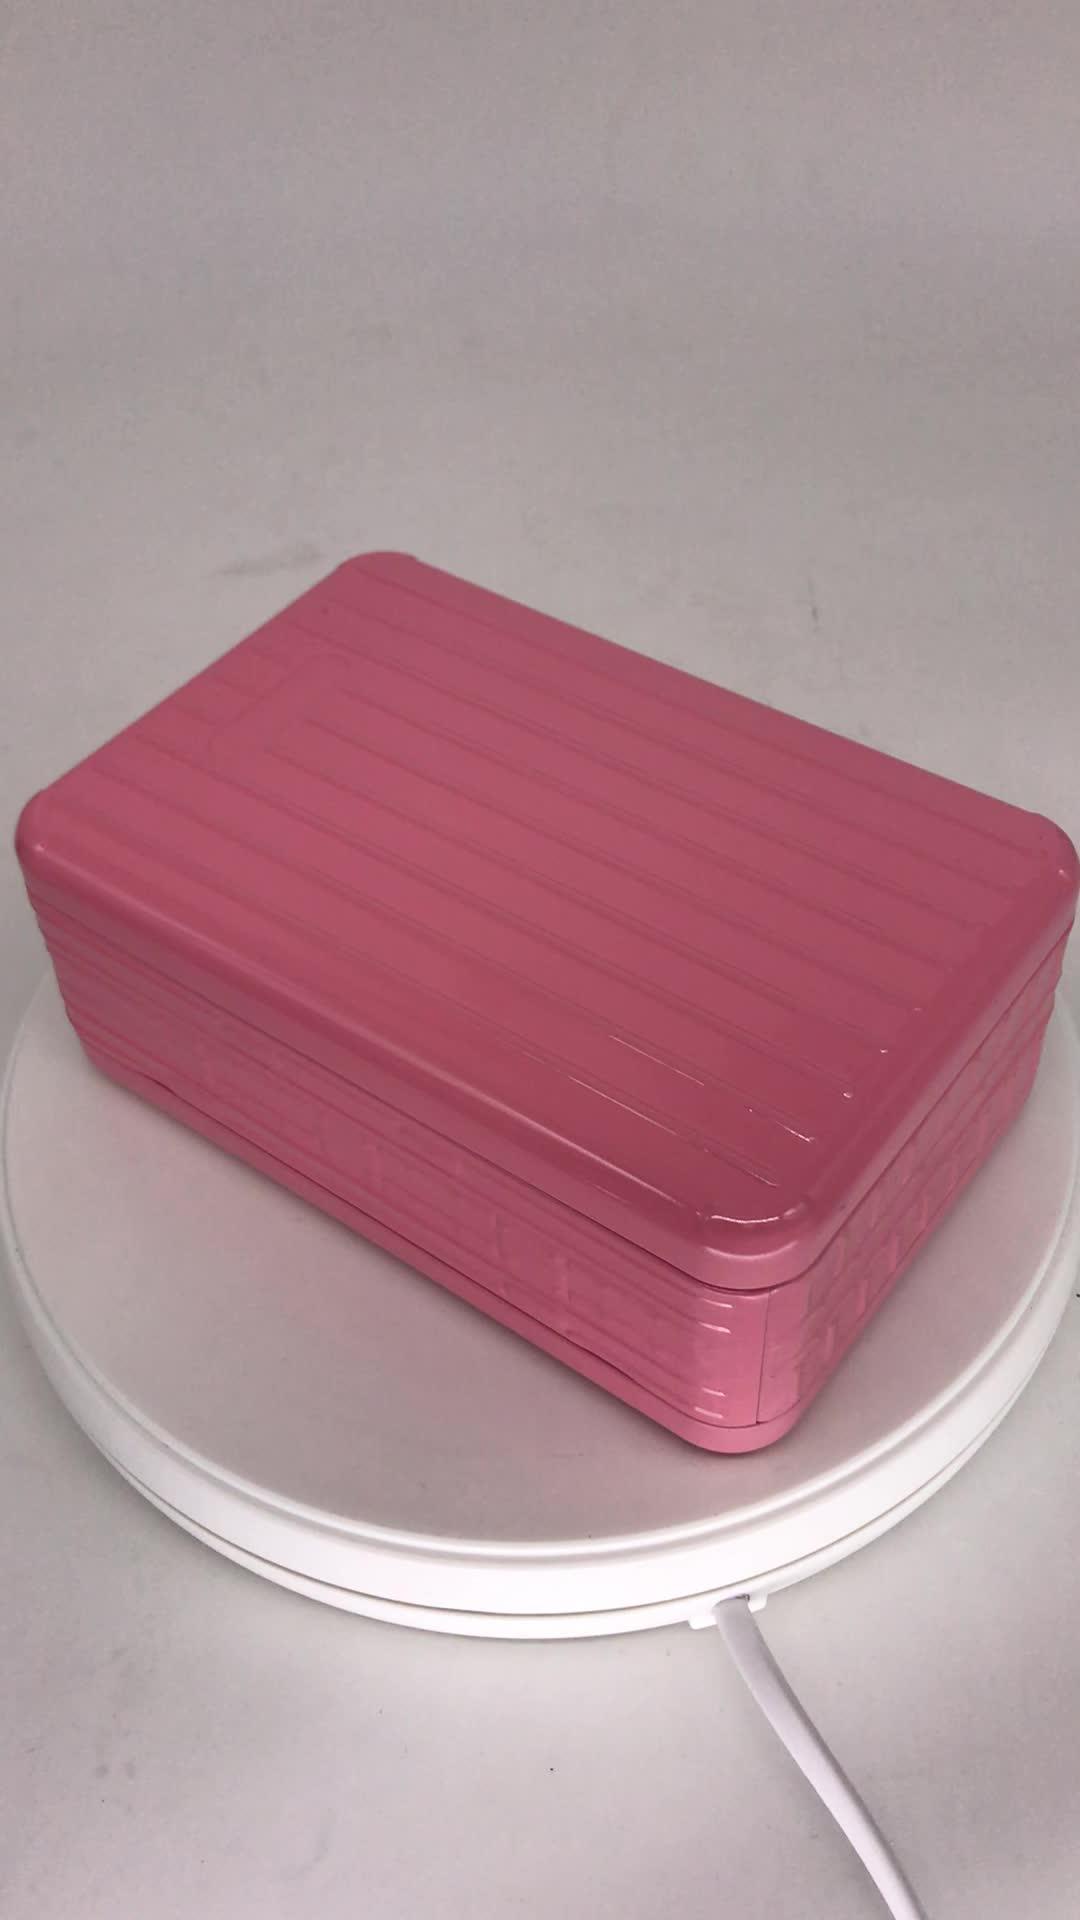 方形铁盒面膜包装 带击凸面膜马口铁盒  高档面膜铁盒定制厂家